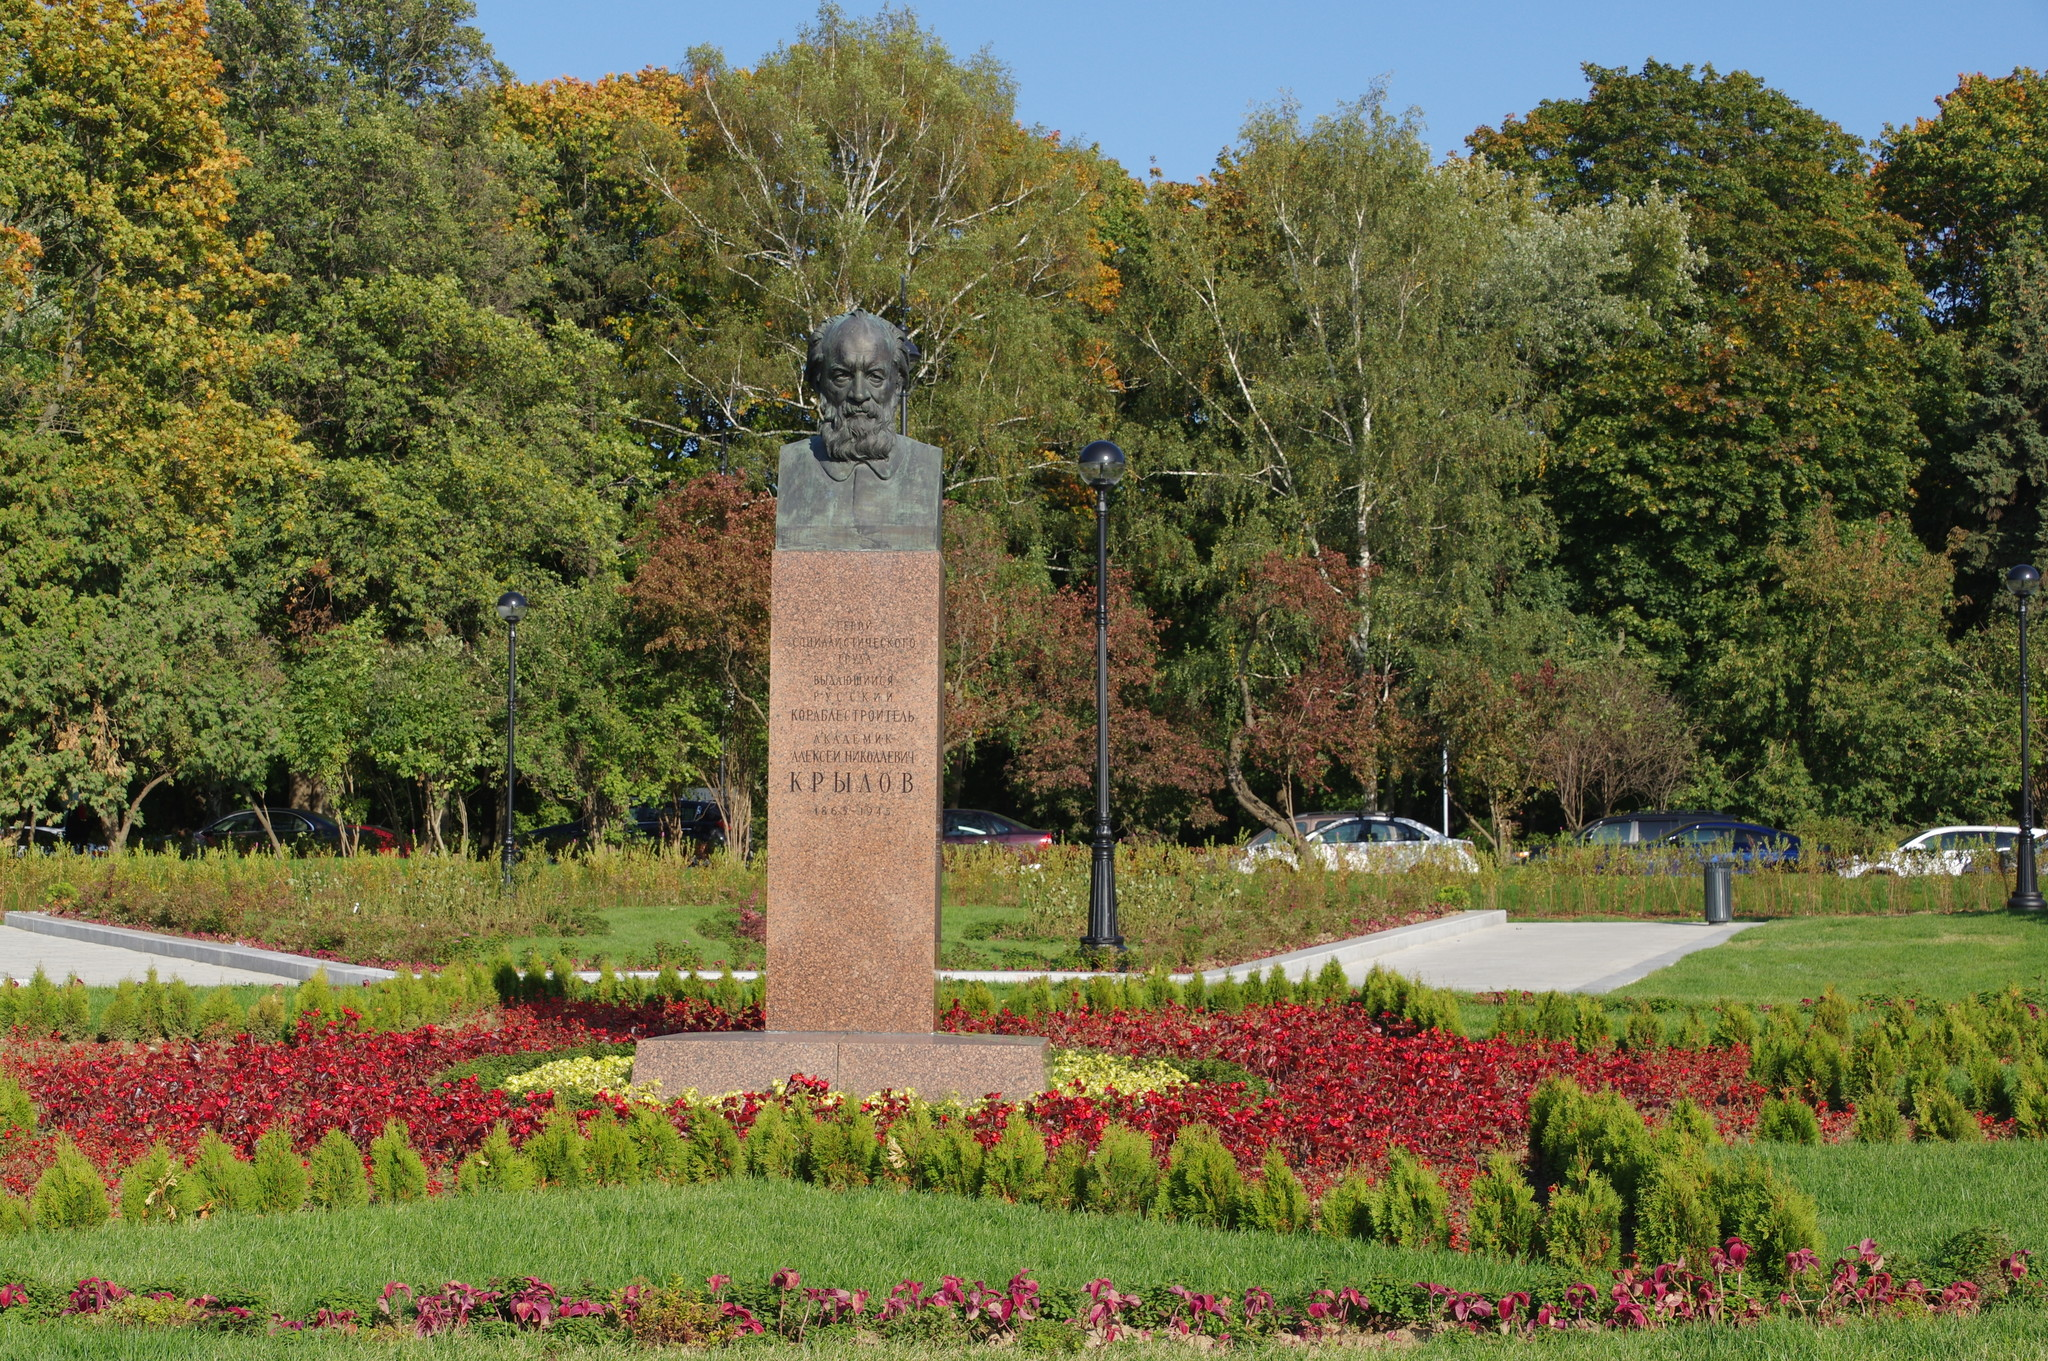 Памятник учёному-кораблестроителю Алексею Николаевичу Крылову перед зданием Северного речного вокзала в Москве